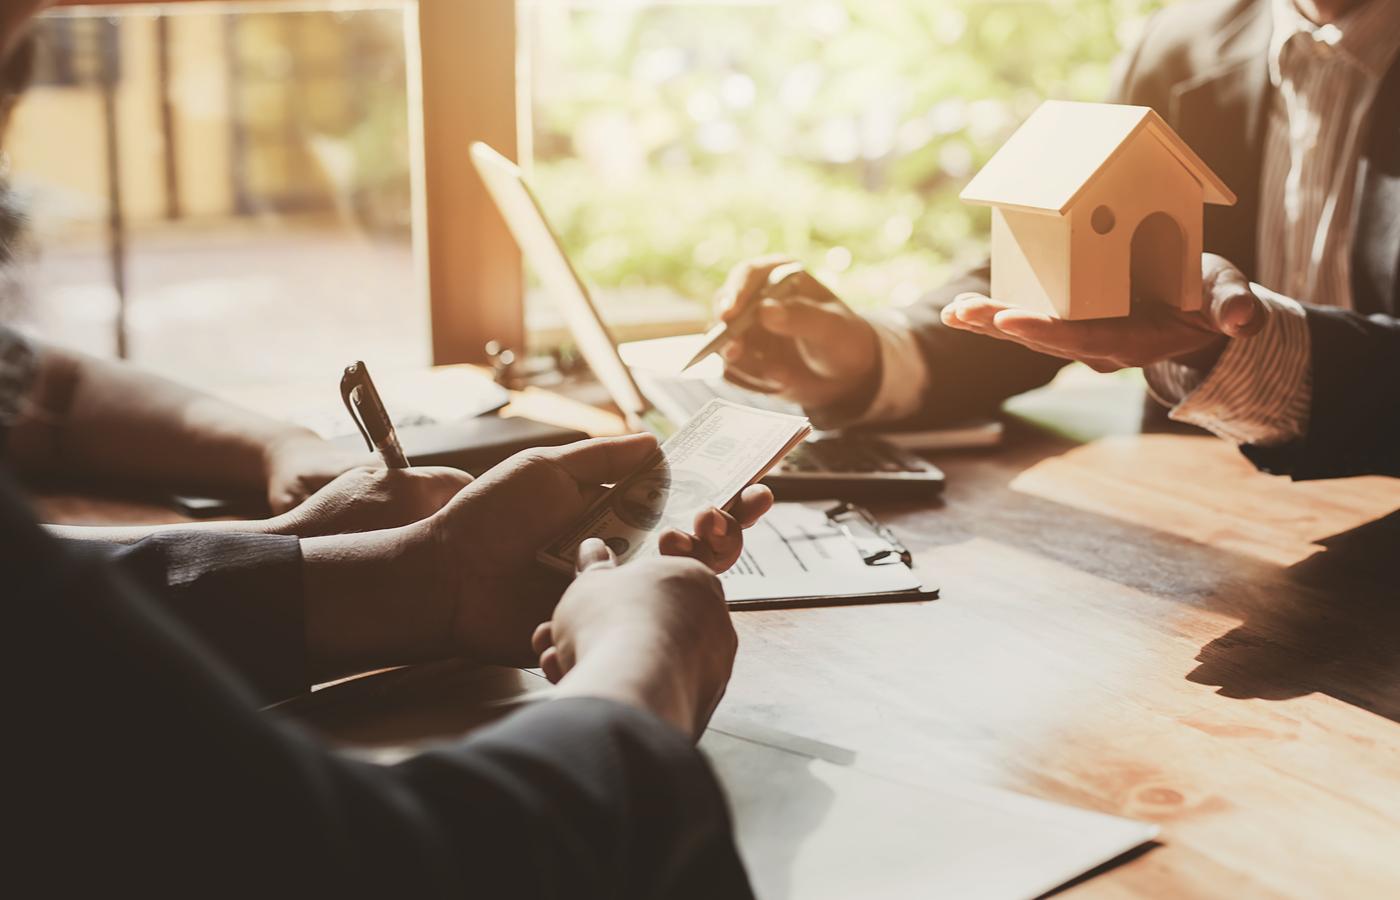 ¿Planeas vender tu casa en 2021? Tips para lograr un buen cierre